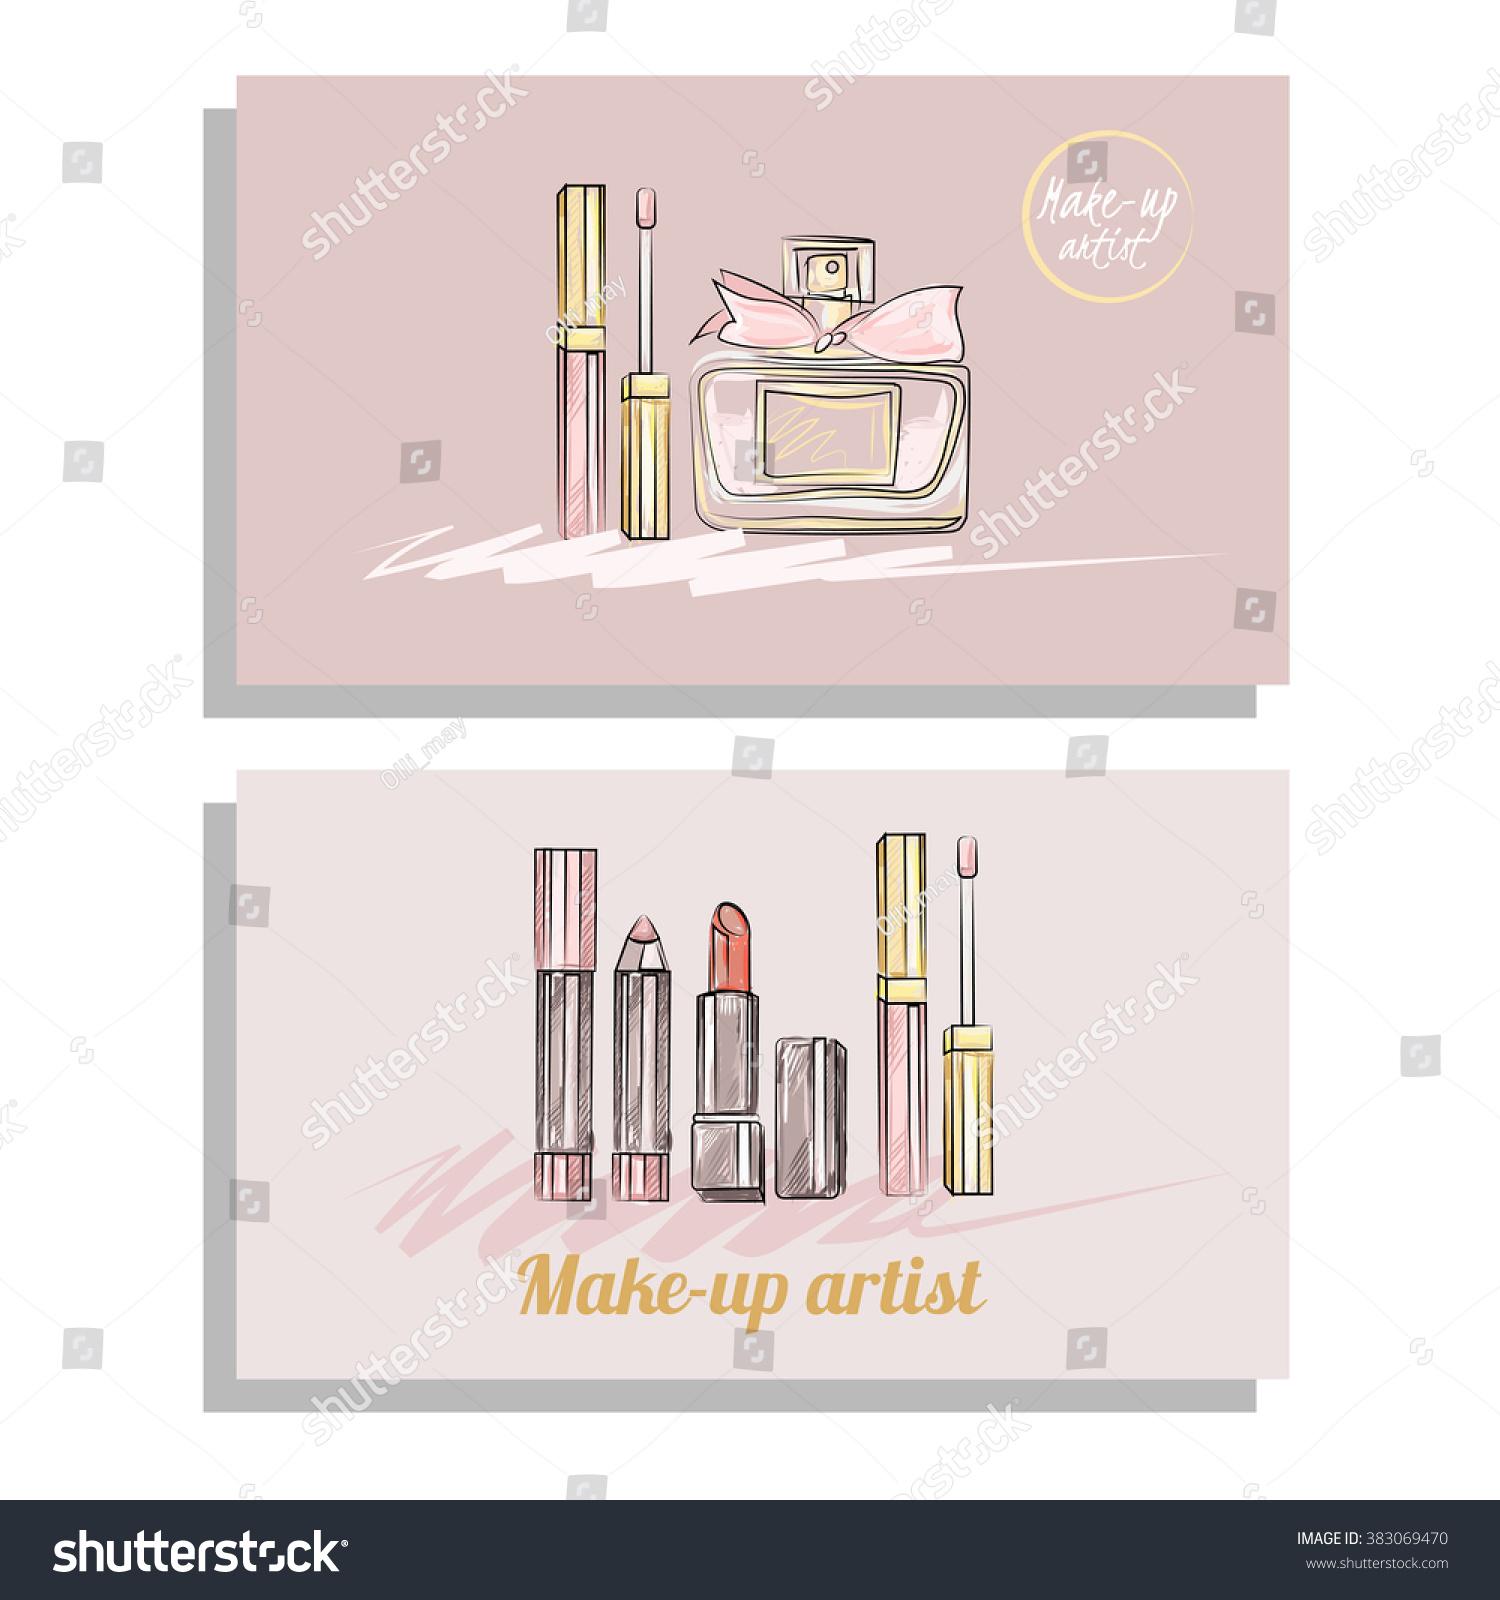 Makeup Artist Business Card Vector Template Stock Vector 383069470 ...